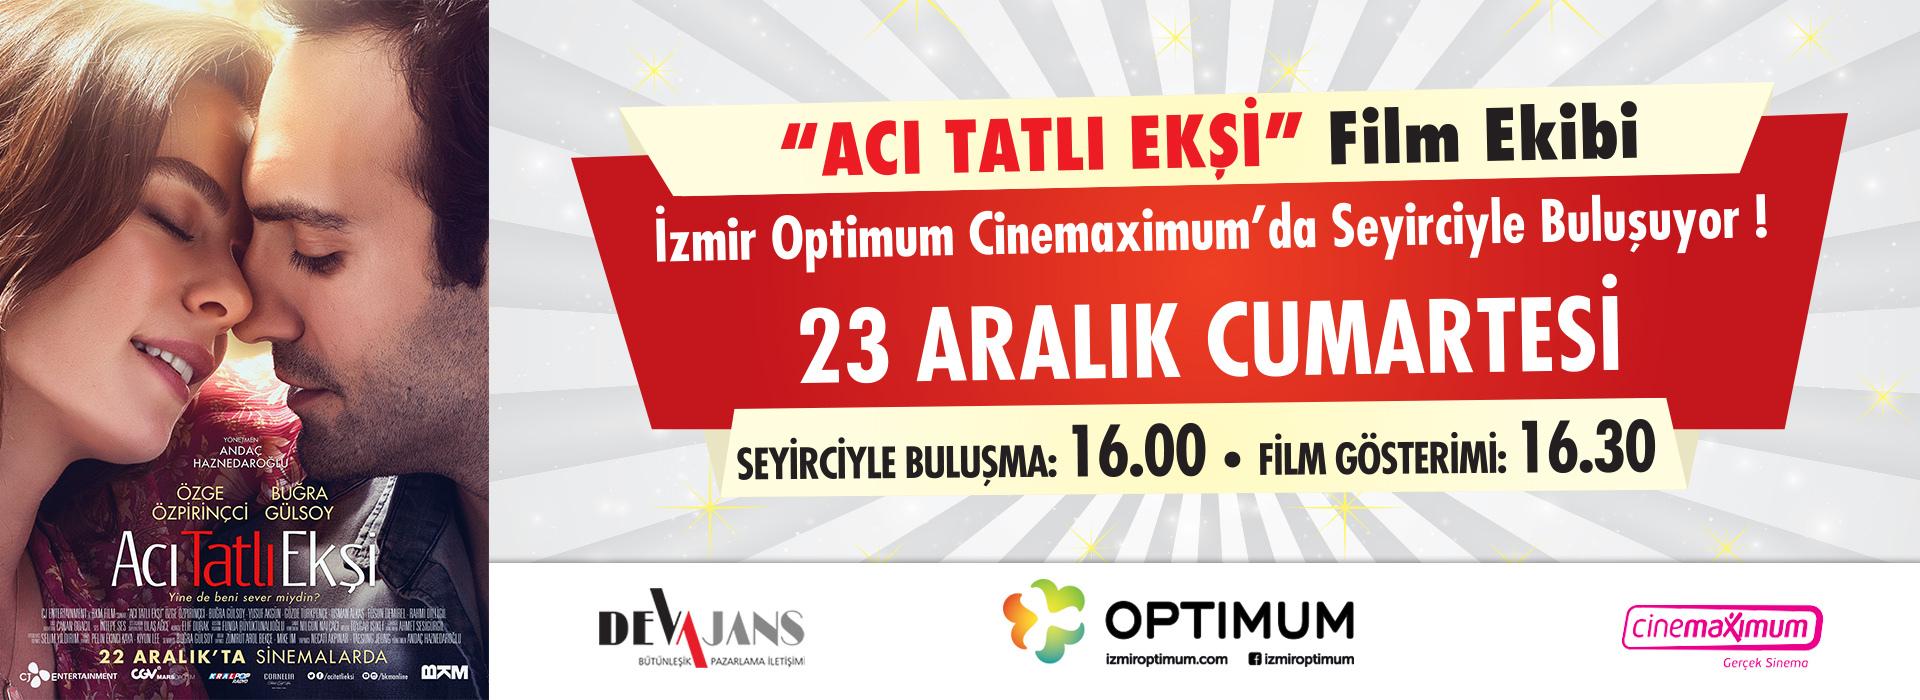 Acı Tatlı Ekşi Film Ekibi İzmir Optimum Cinemaximum'da